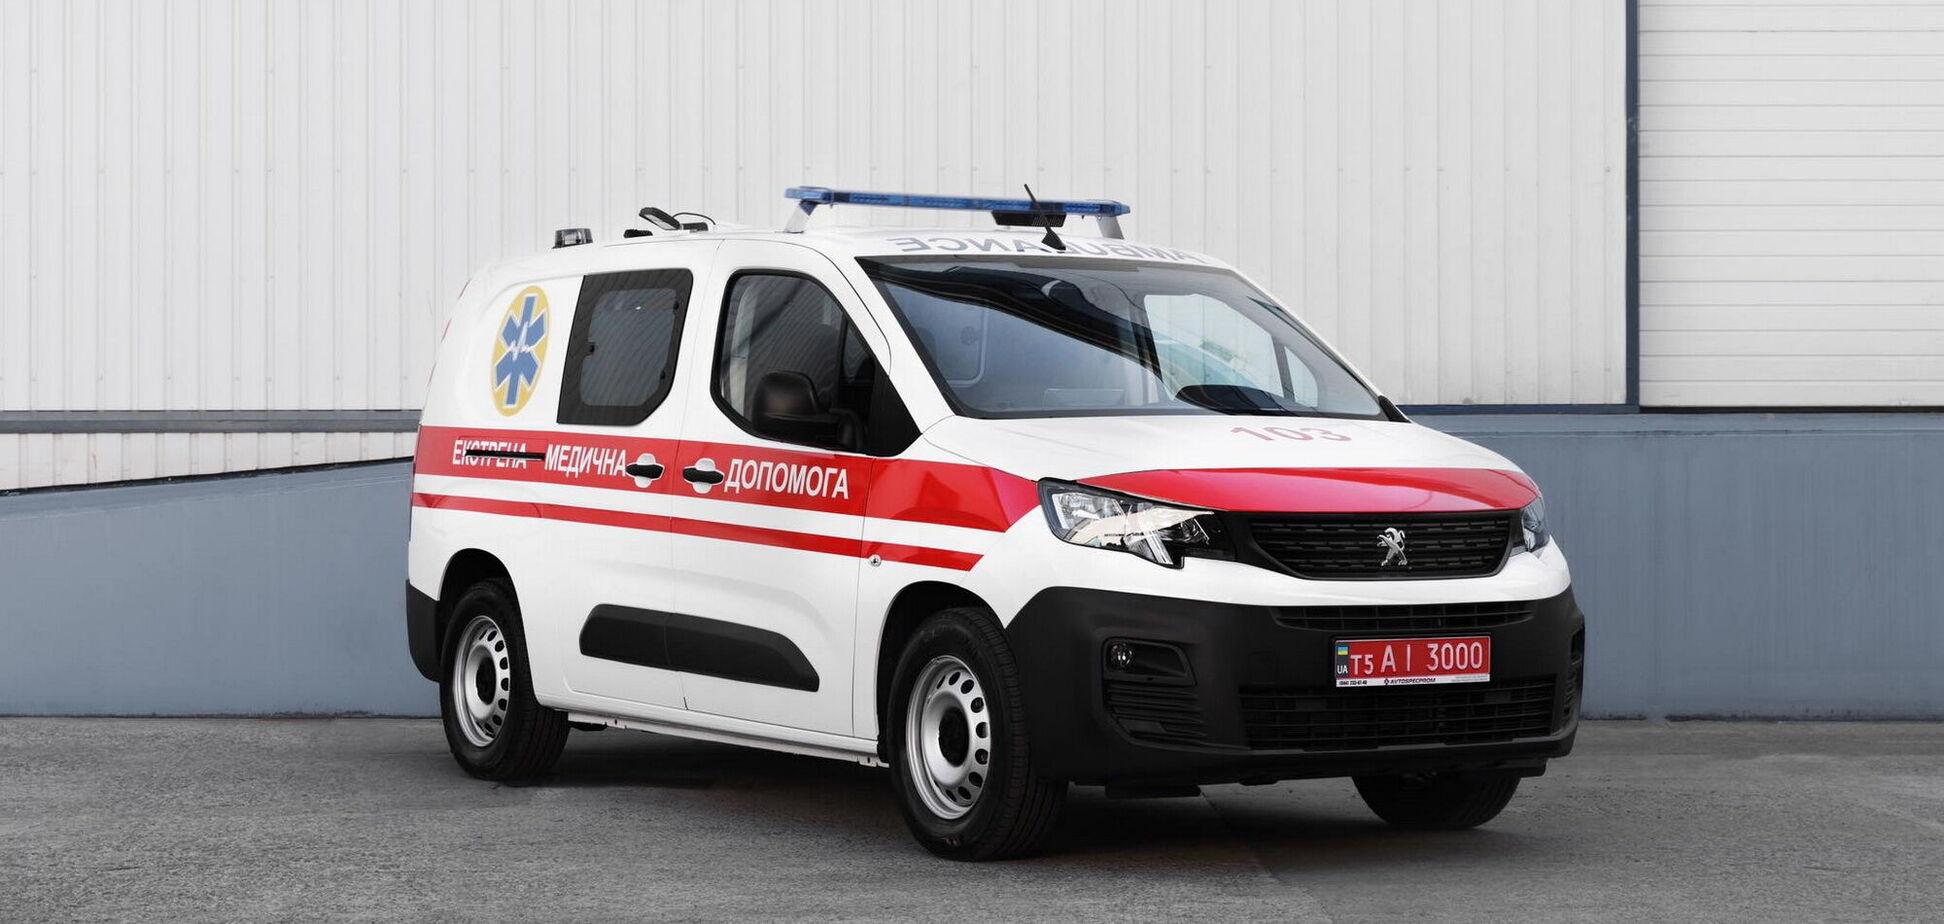 'Автоспецпром' показал скорую помощь на базе Peugeot Partner